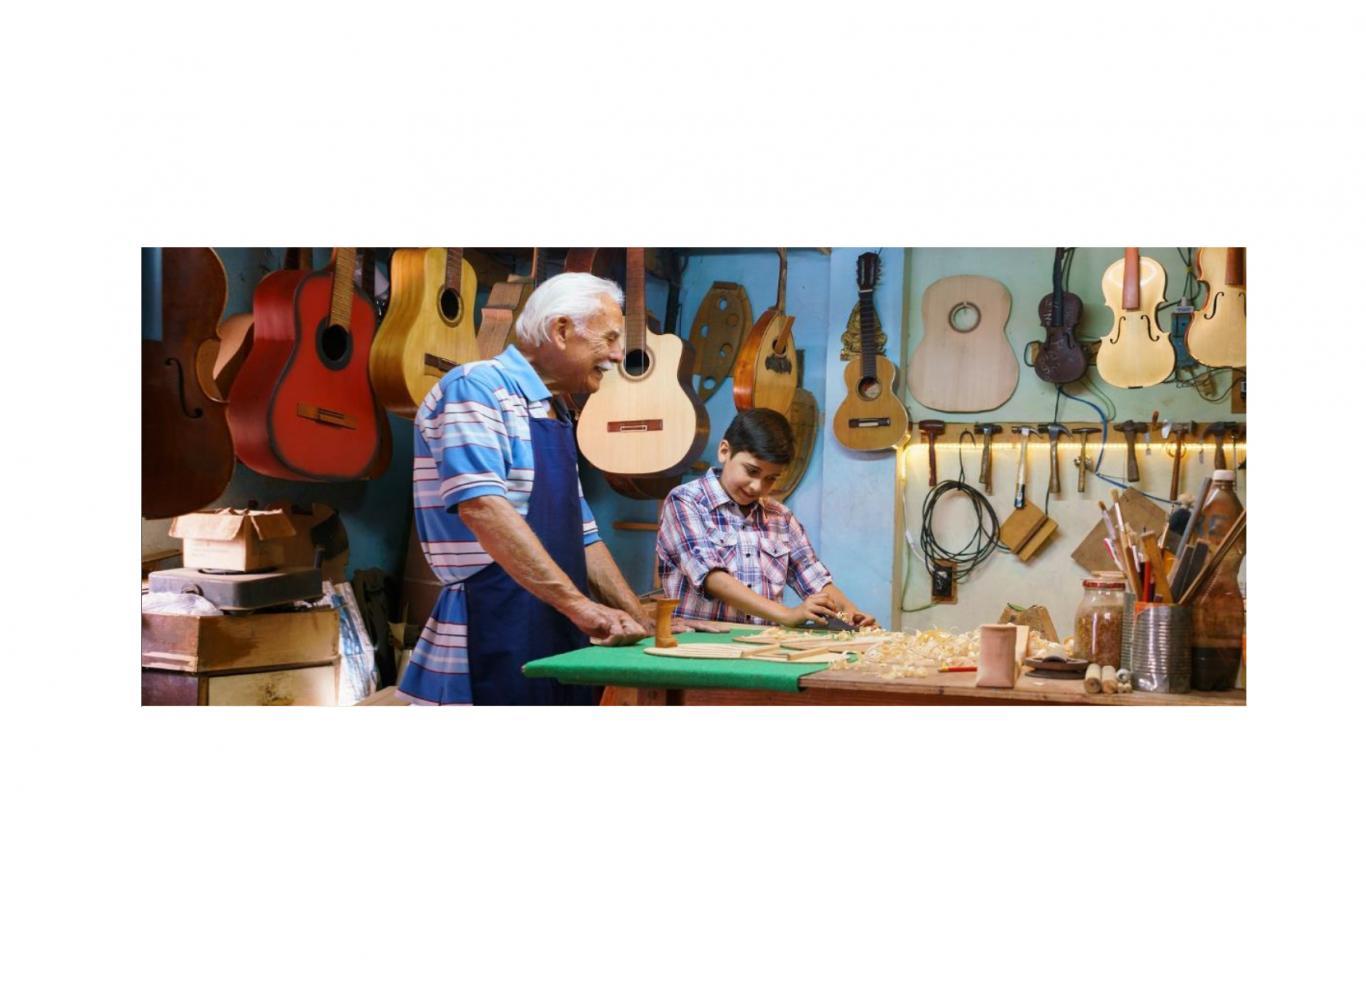 Imagen de una persona mayor y un niño trabajando en un taller artesano de guitarras